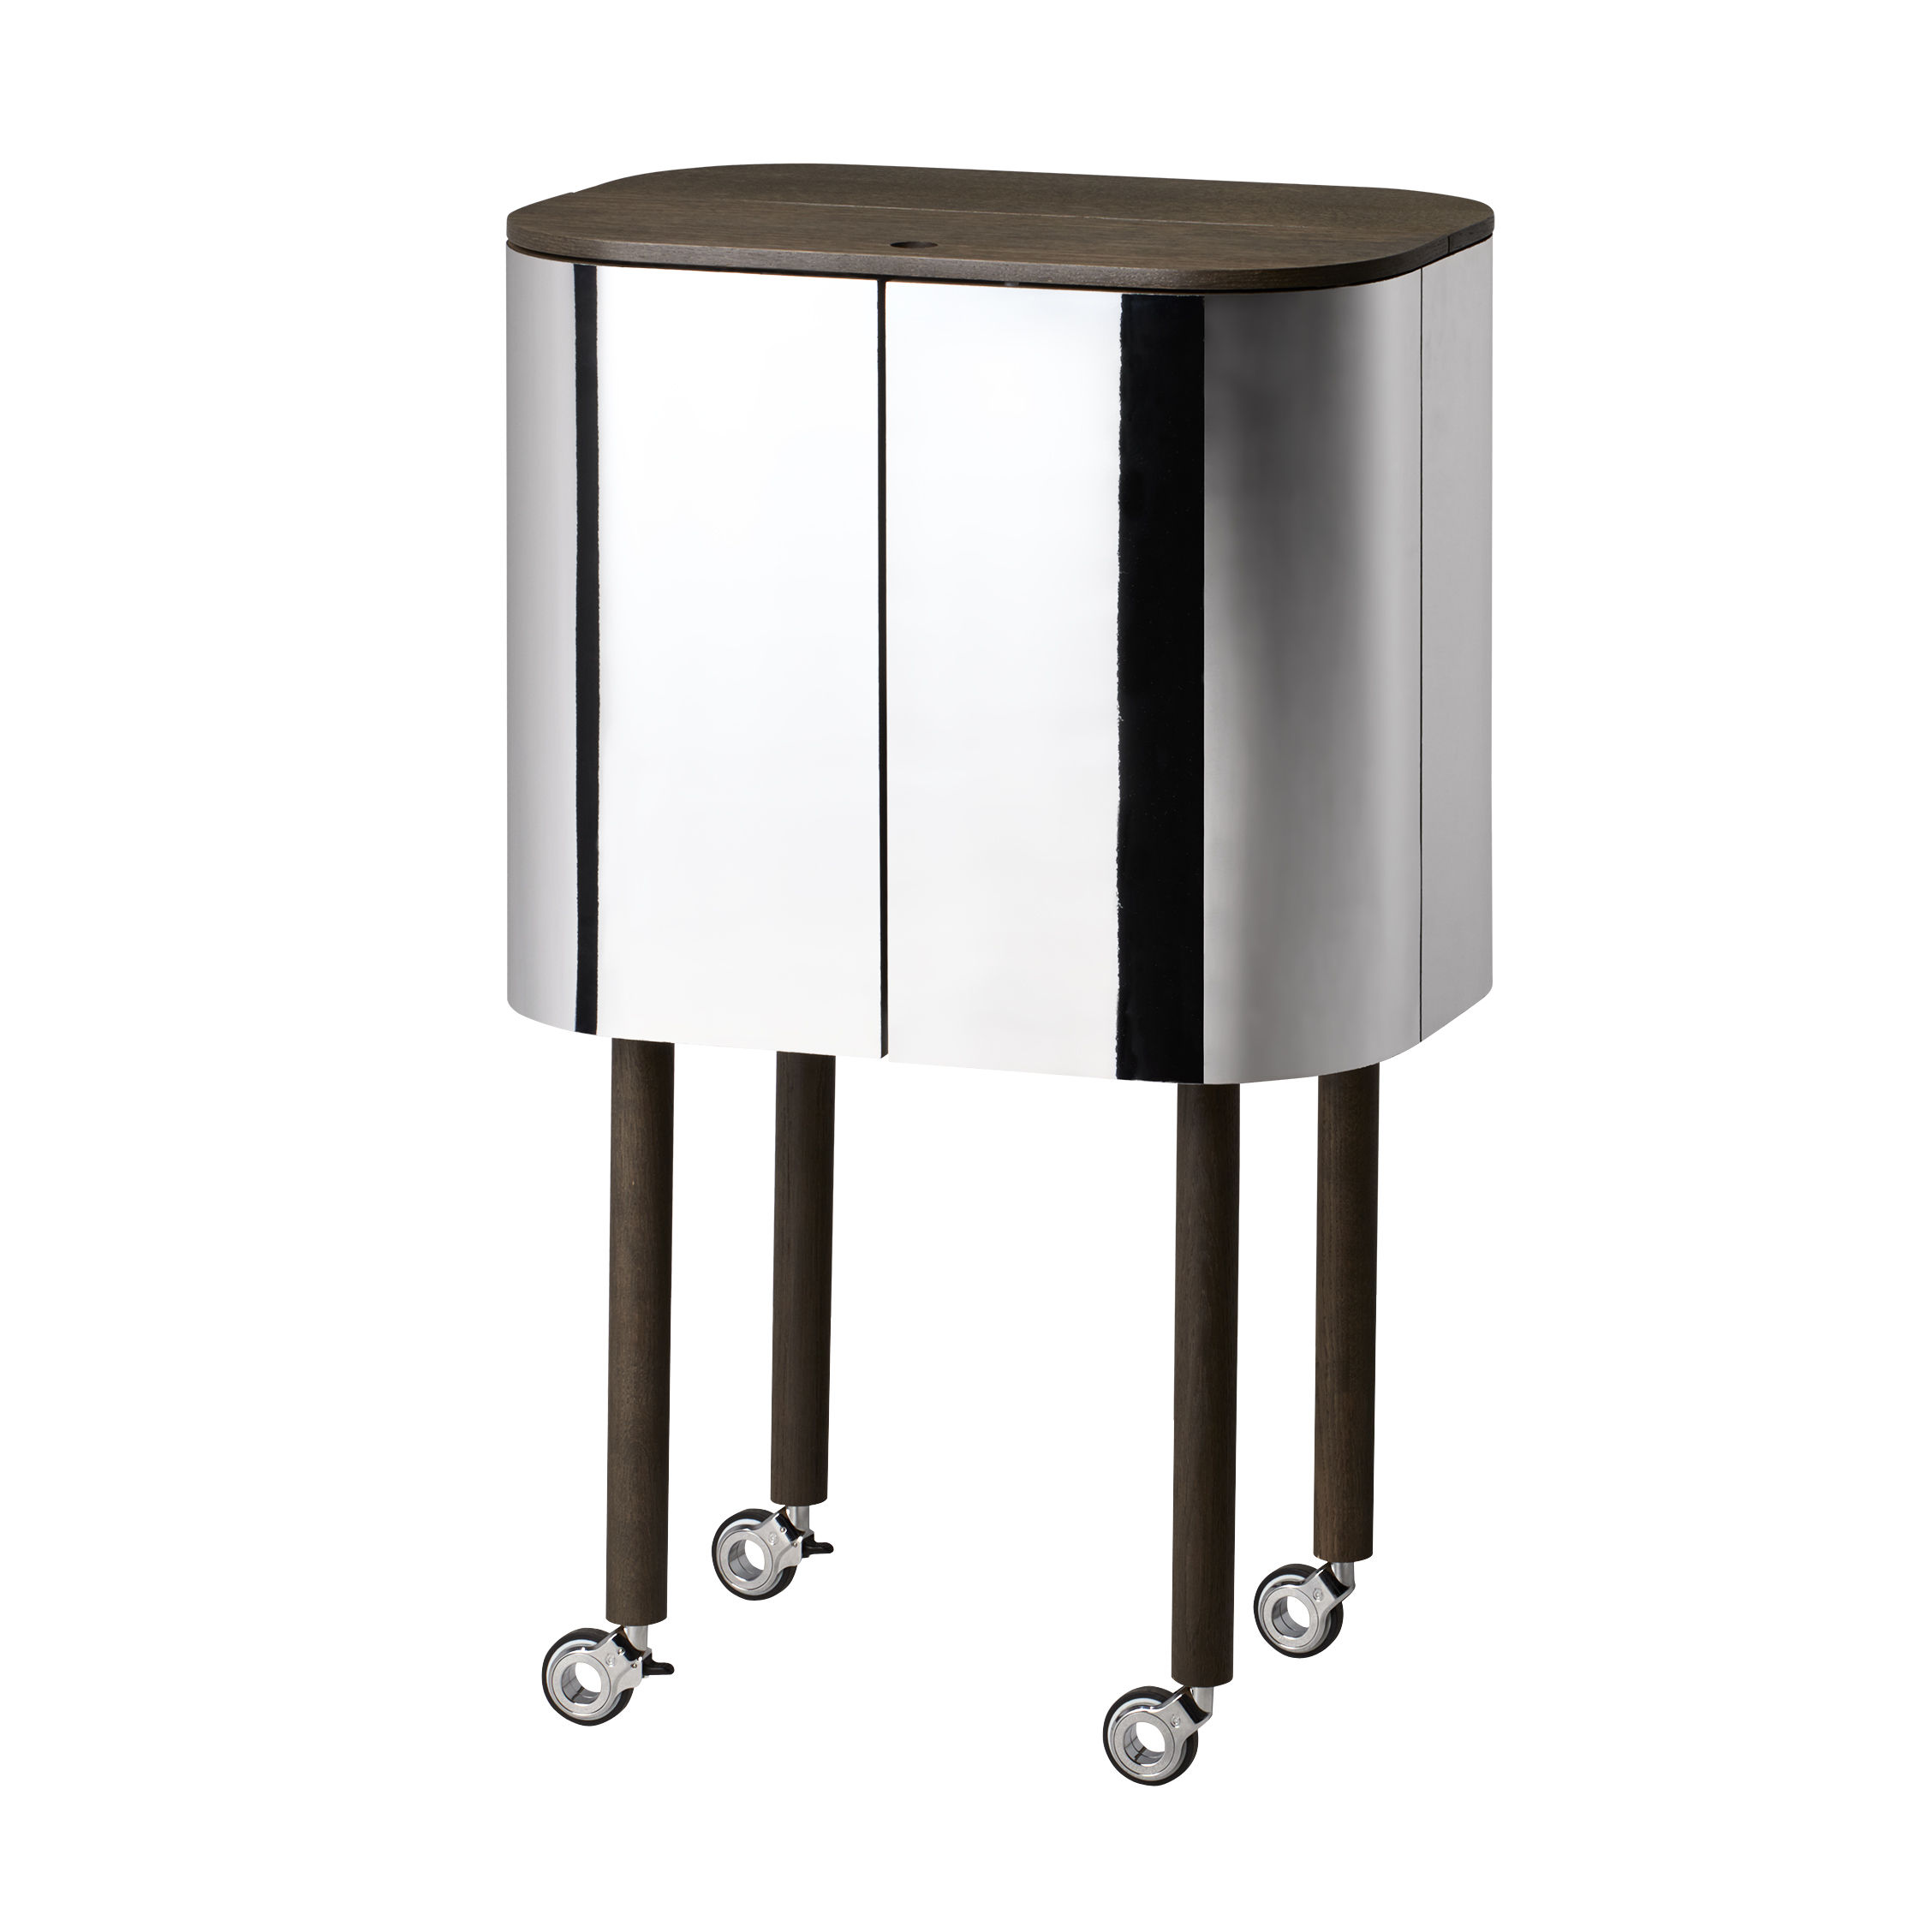 Möbel - Beistell-Möbel - Loud Bar / auf Rollen - H 110 cm - Northern  - Räuchereiche / Spiegel - Chêne fumé, Hochglanzlaminiertes Laminat